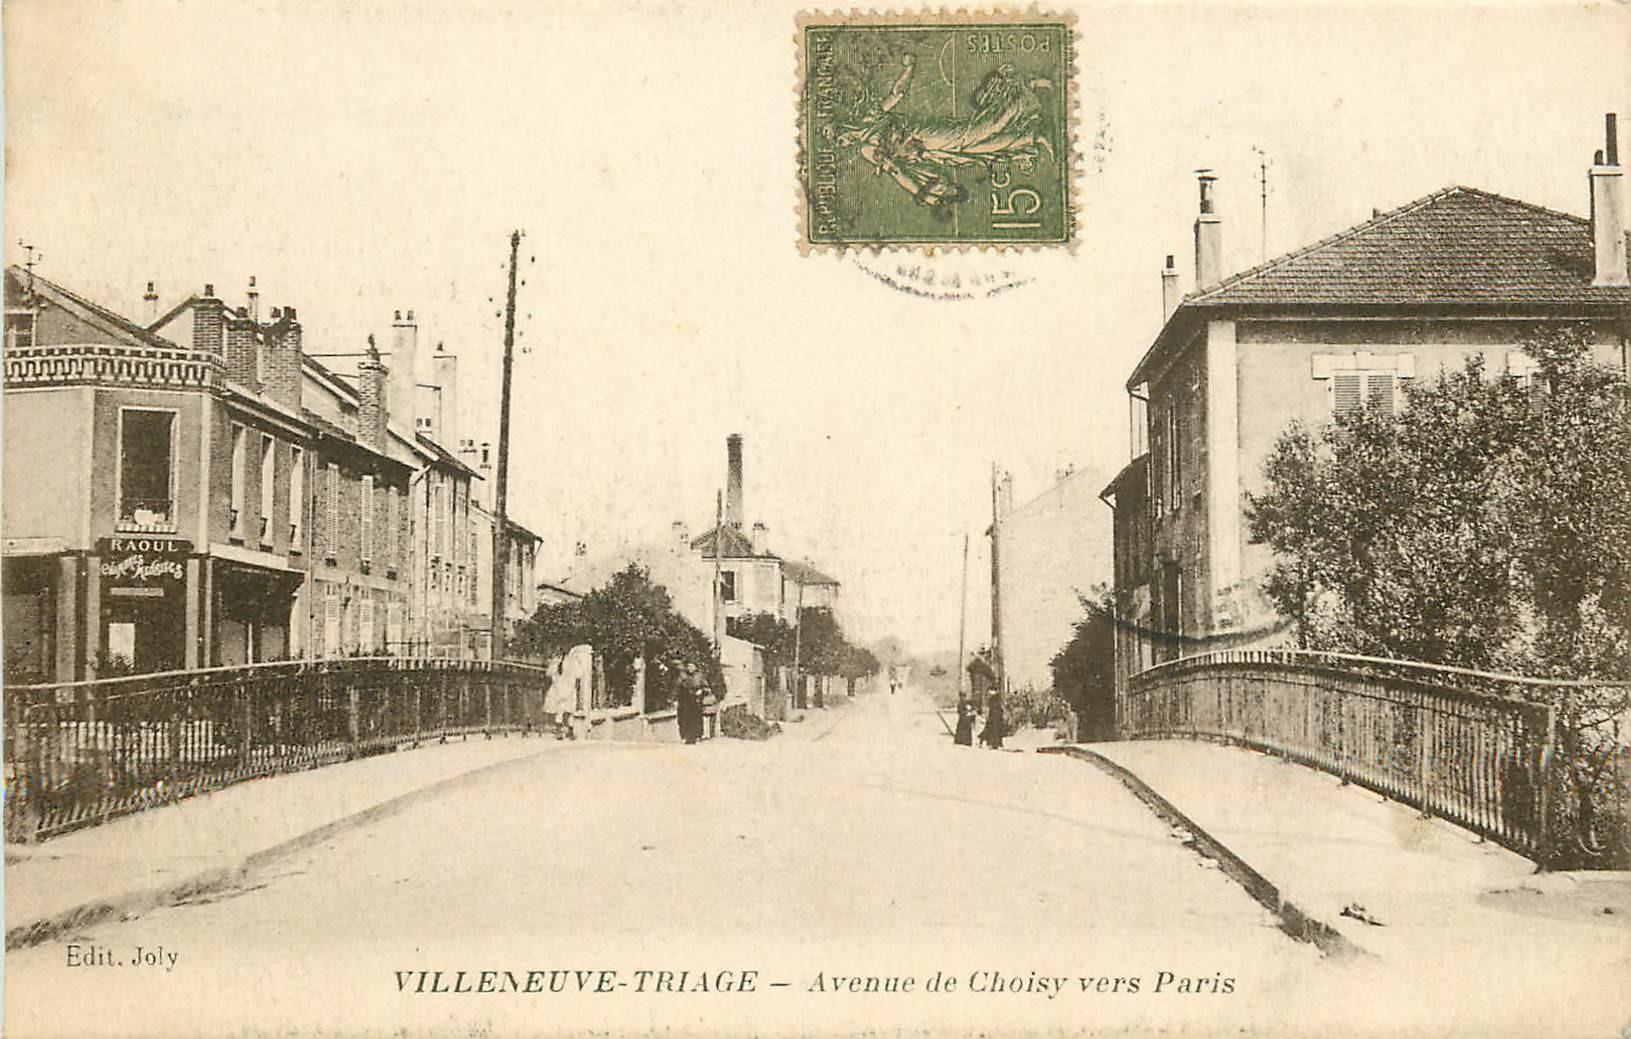 WW 94 VILLENEUVE-TRIAGE. Hôtel meublé Avenue de Choisy 1917